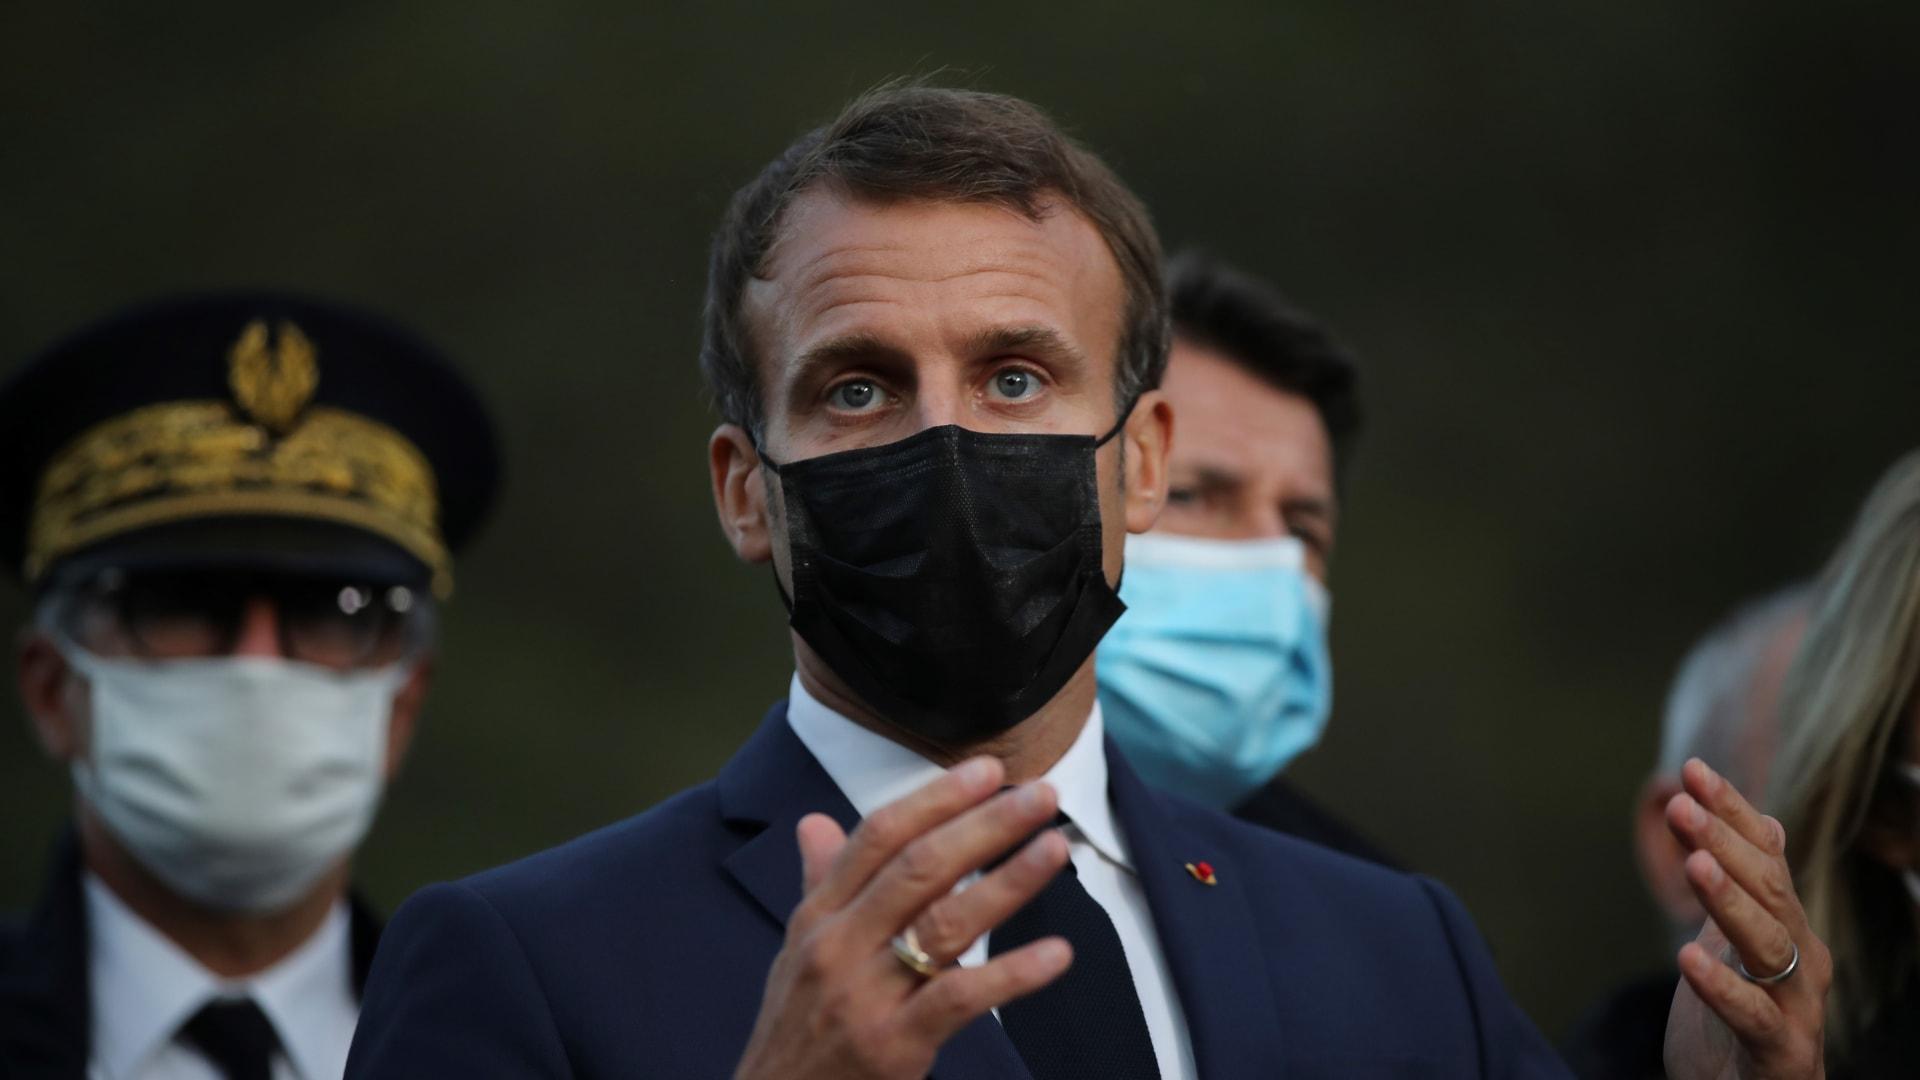 مجدداً.. فيروس كورونا يضرب بقوة قلب فرنسا وباريس تستعد للأسوأ